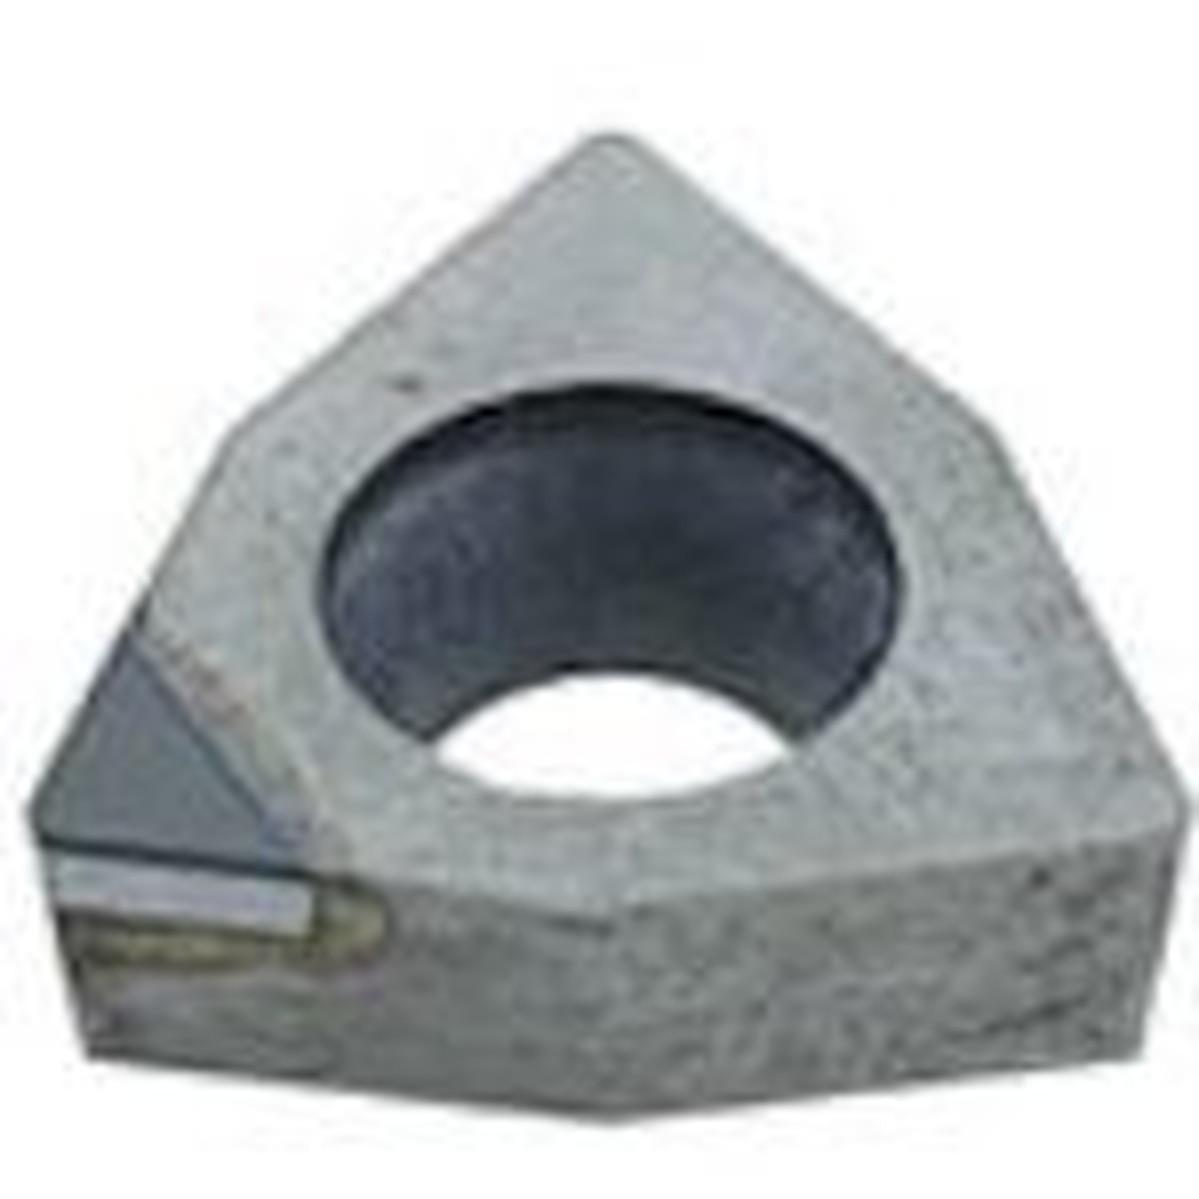 あす楽対応 DIY用品 三菱 チップ 安心の実績 高価 買取 強化中 MD220 1個 爆安